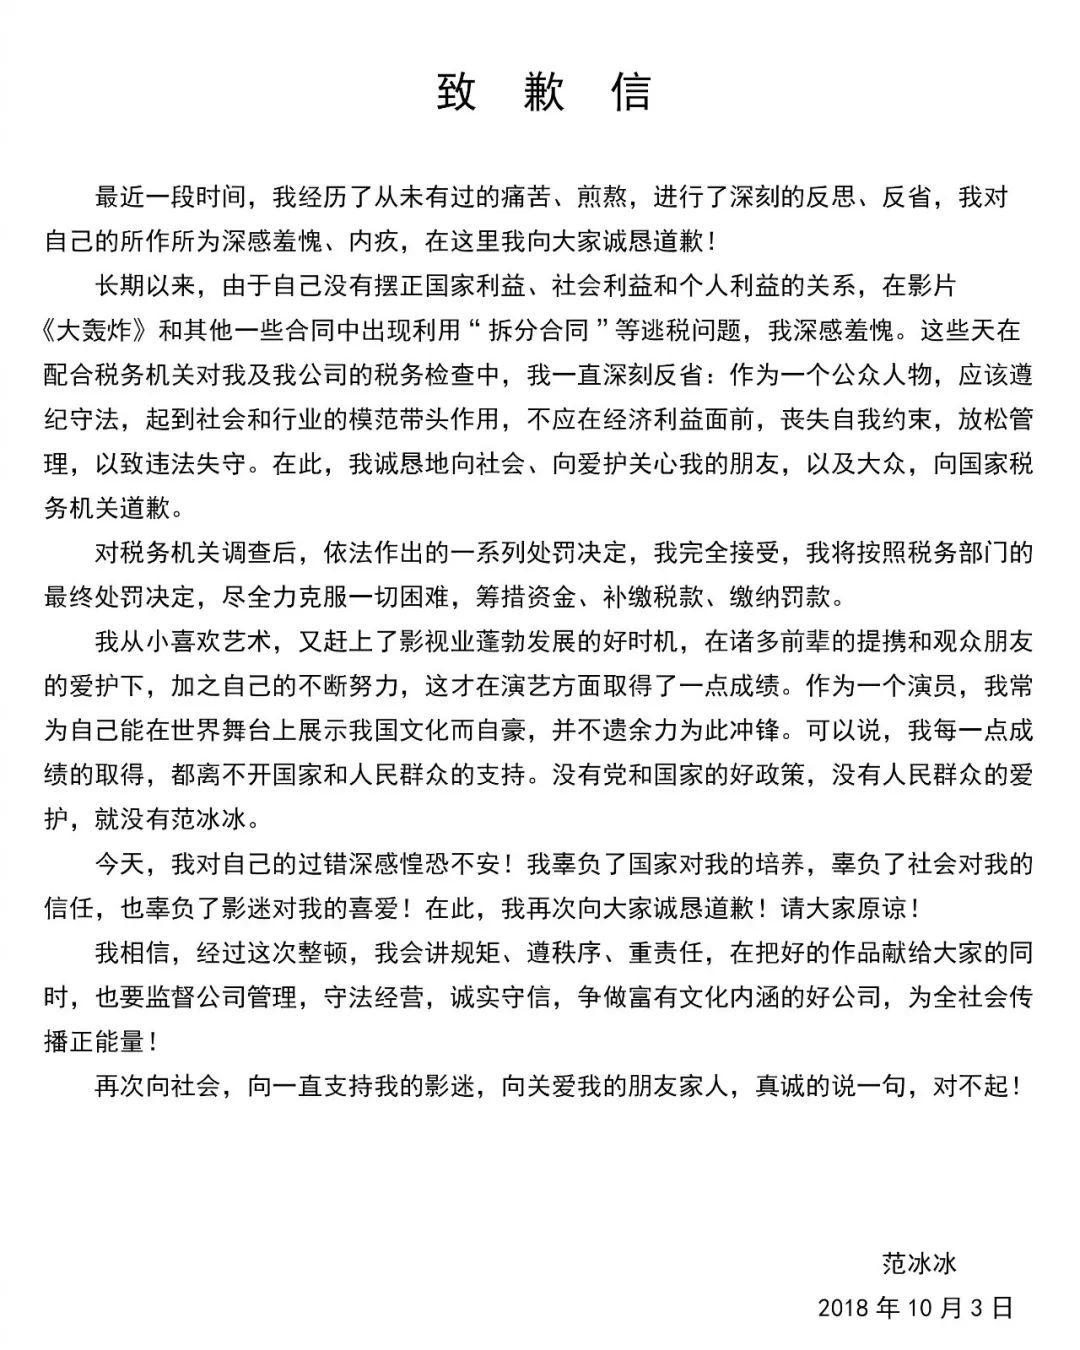 范冰冰补罚超八亿但没被追究刑事责任,崔永元发了这样一条微博…